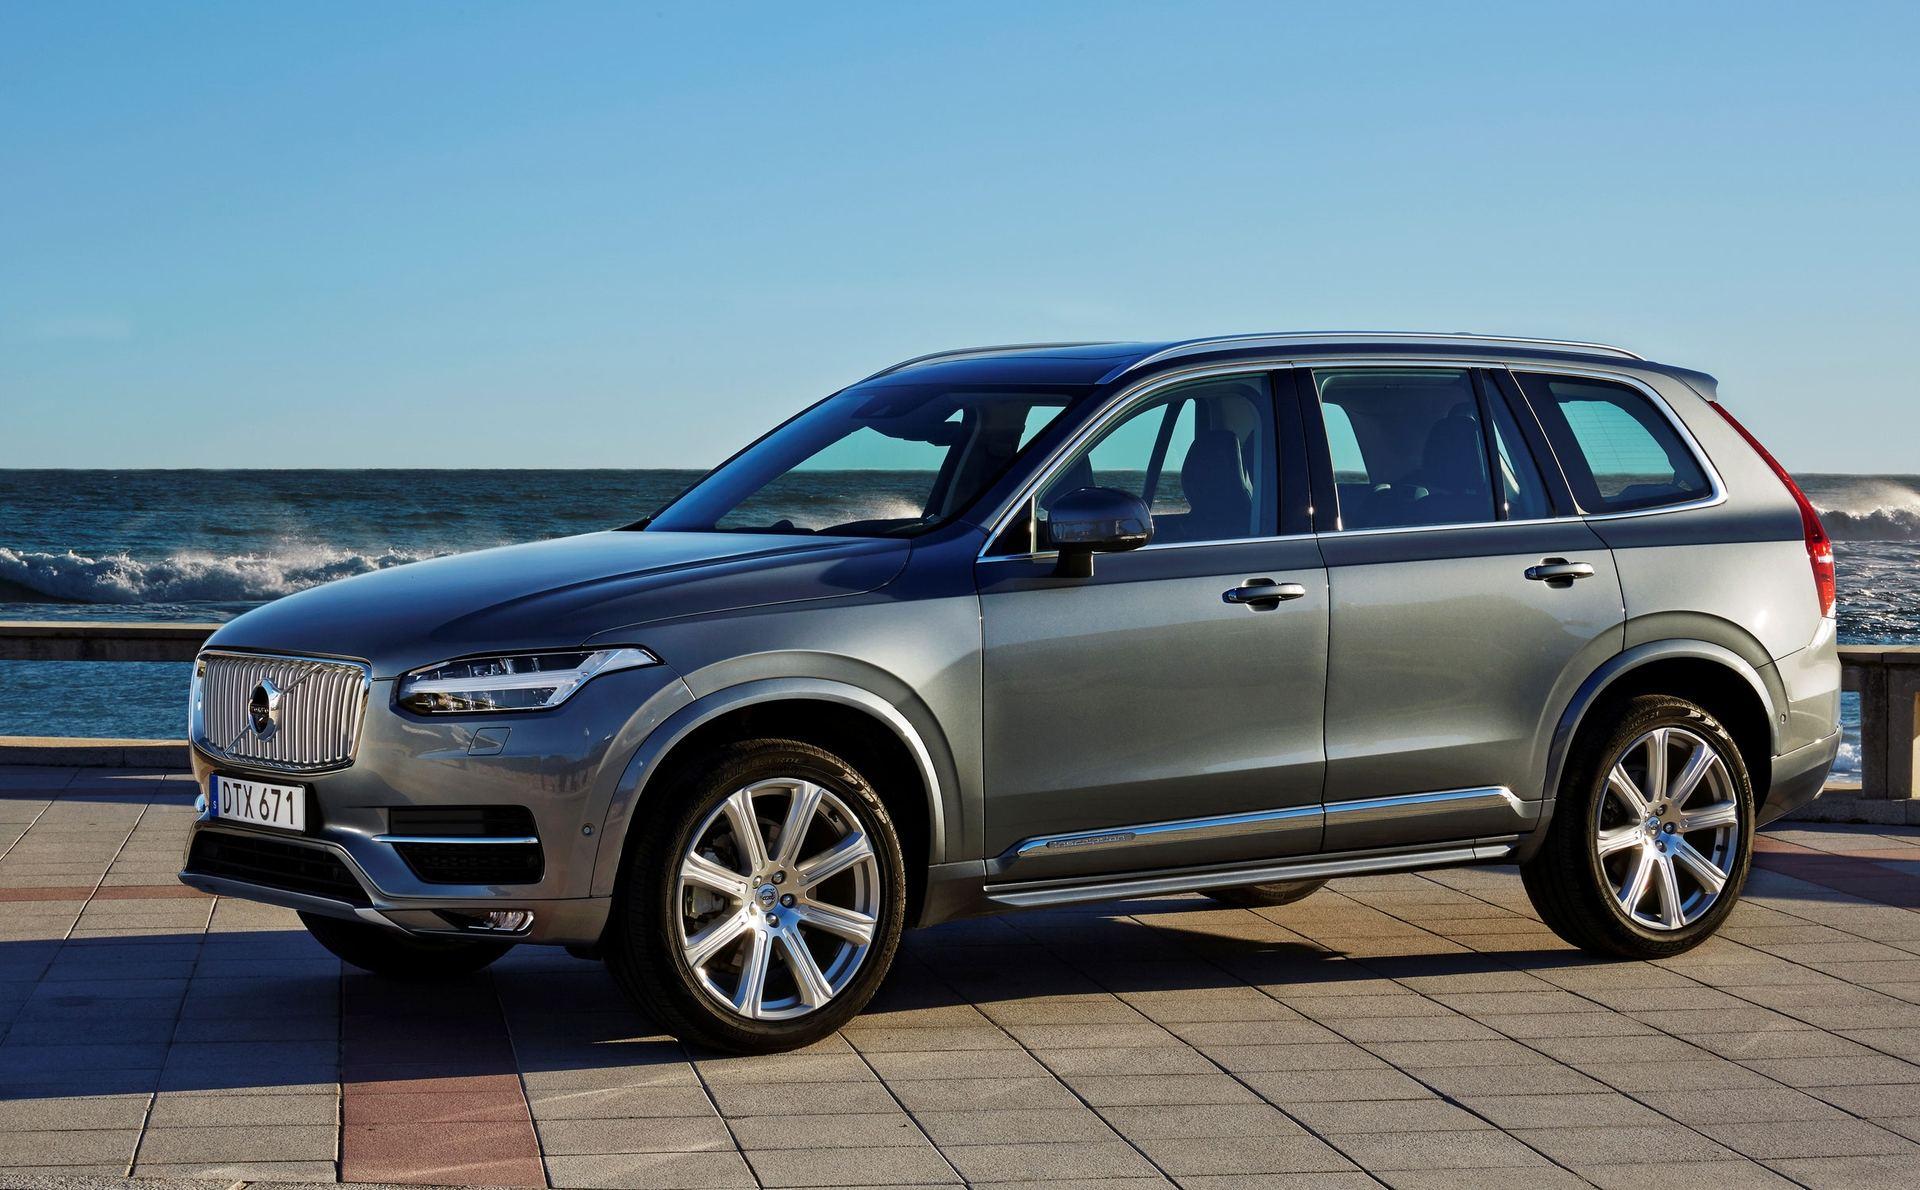 La gamme 90, et en particulier le XC90, ne sera plus le modèle phare de la gamme Volvo